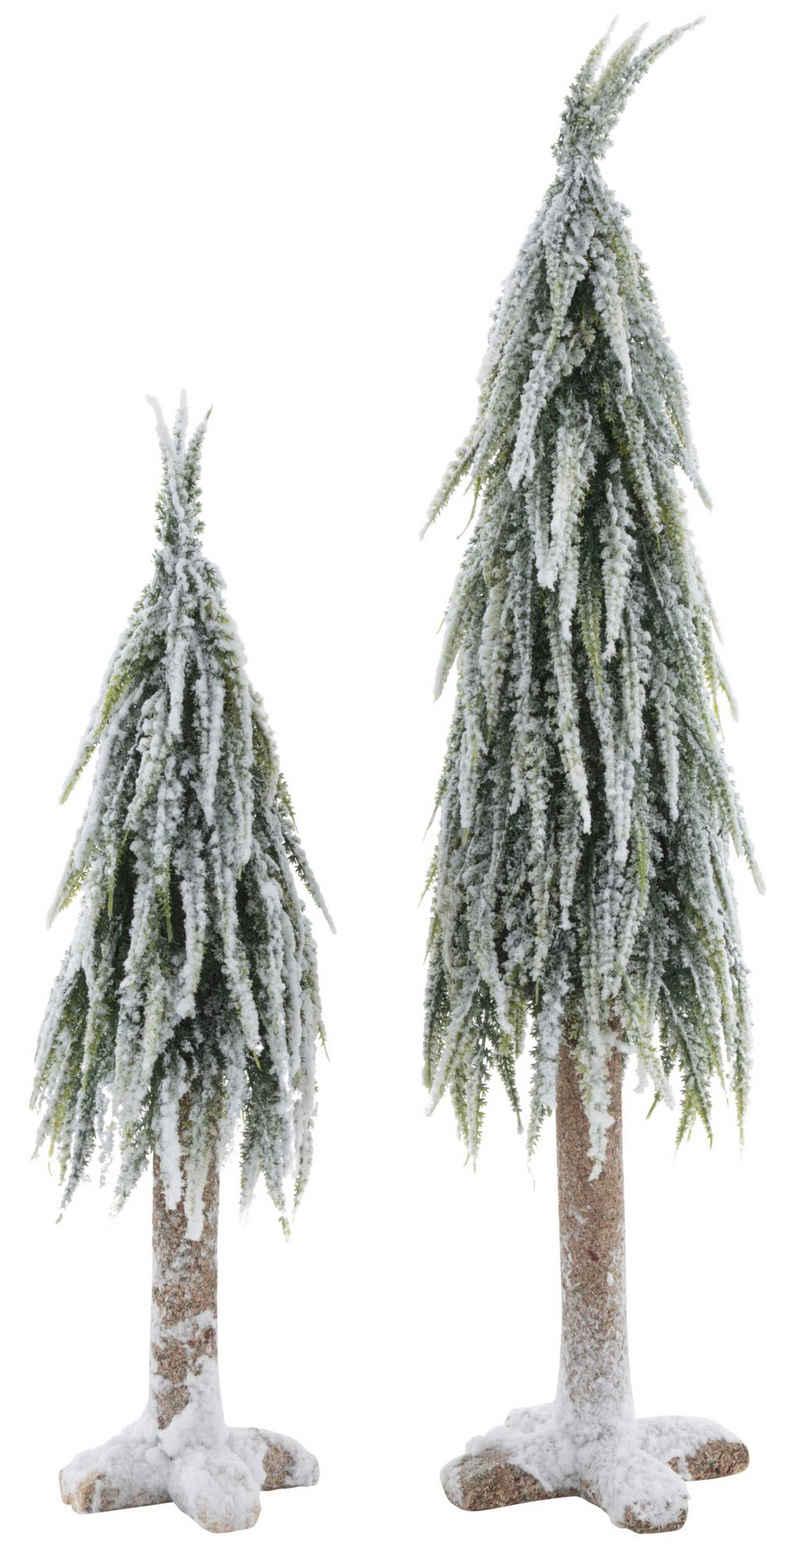 Home affaire Dekobaum (Set, 2 Stück), mit dekorativem Schnee, Höhe ca. 53 cm + 70 cm